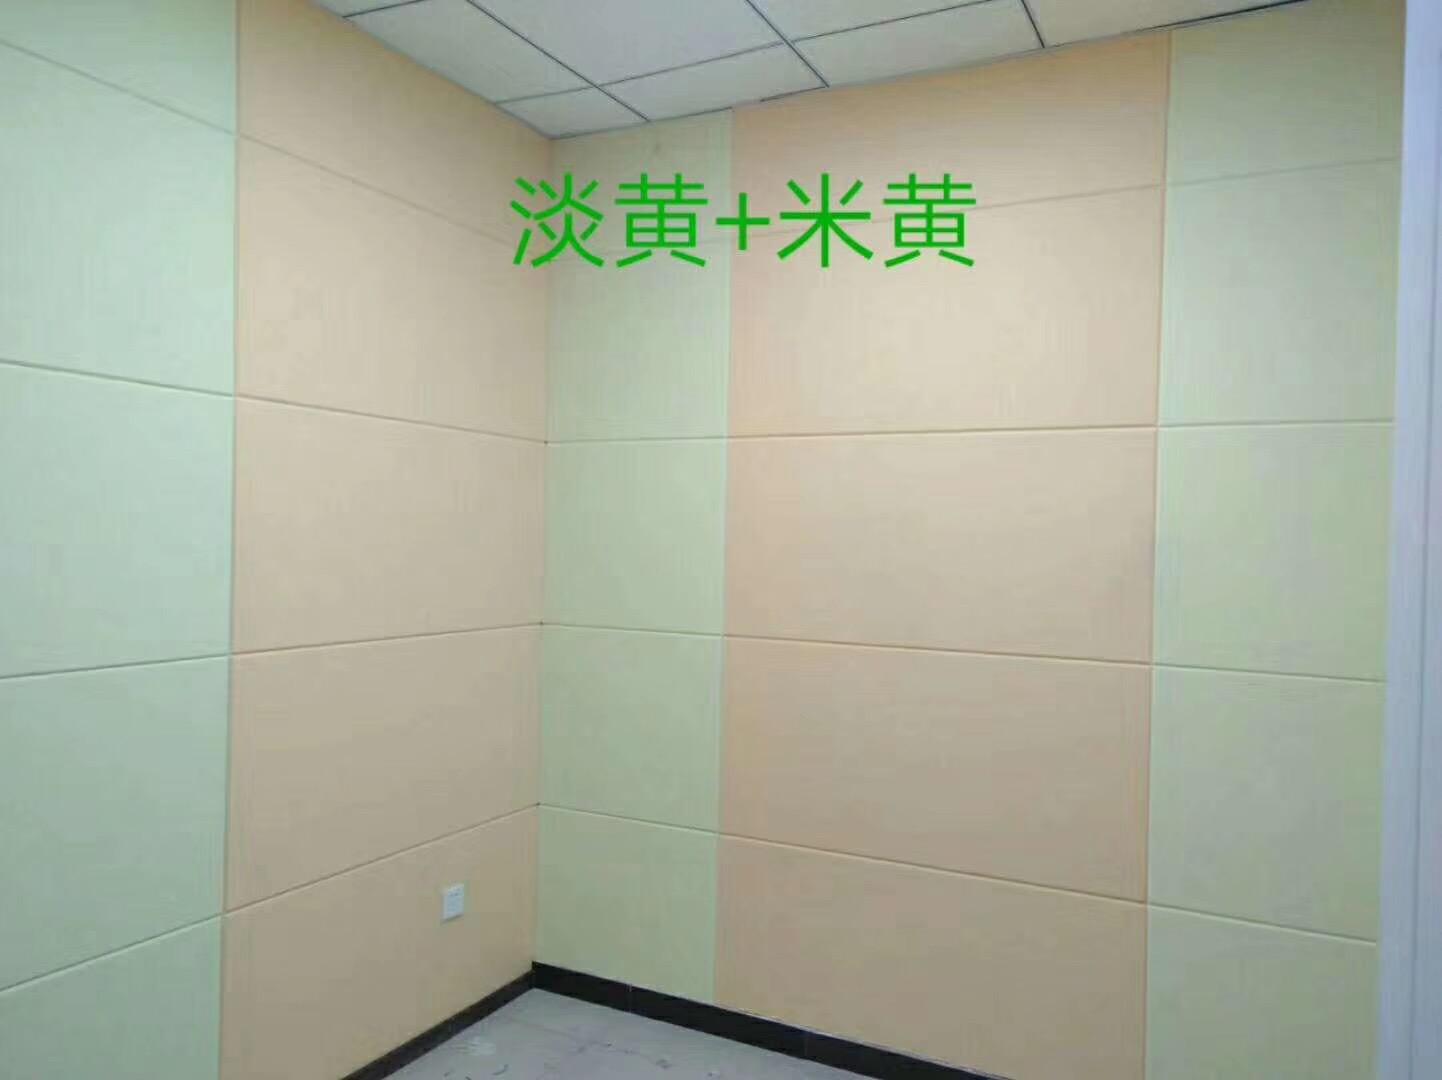 聚酯纤维吸音板-河南永高建材有限公司